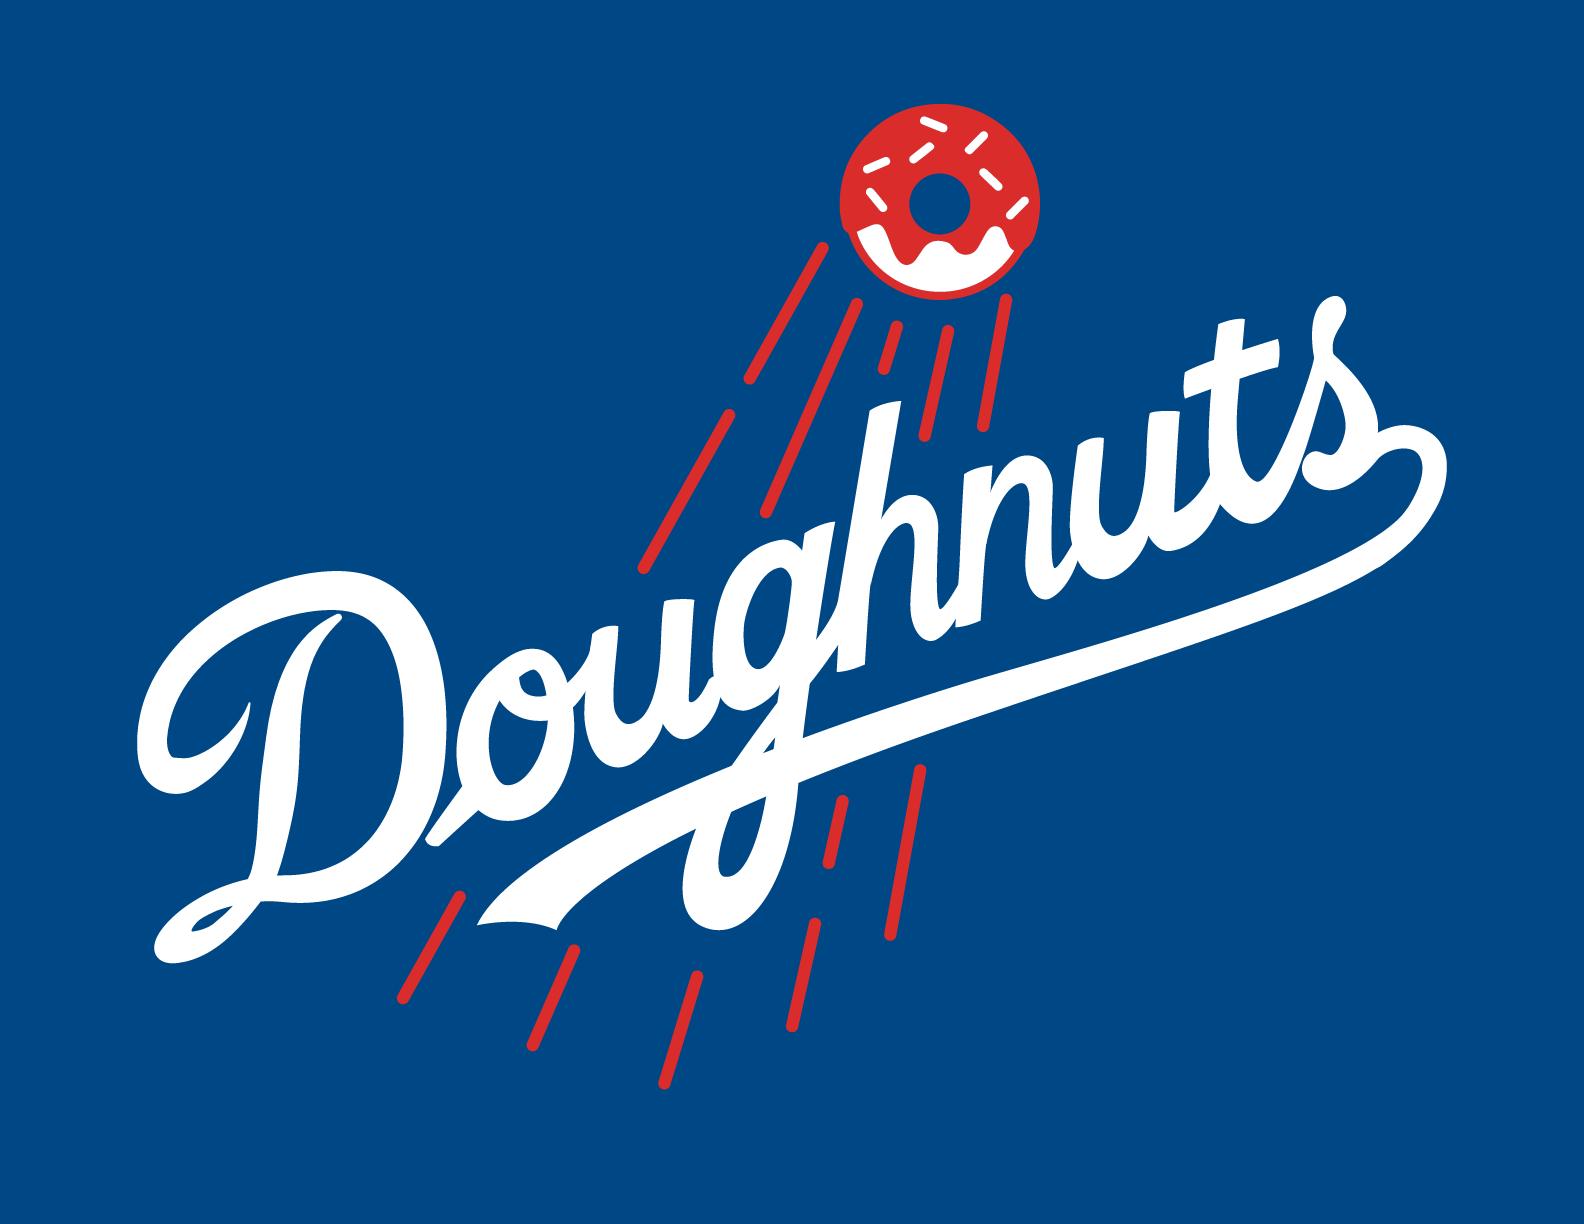 LA Doughnuts@2x.png